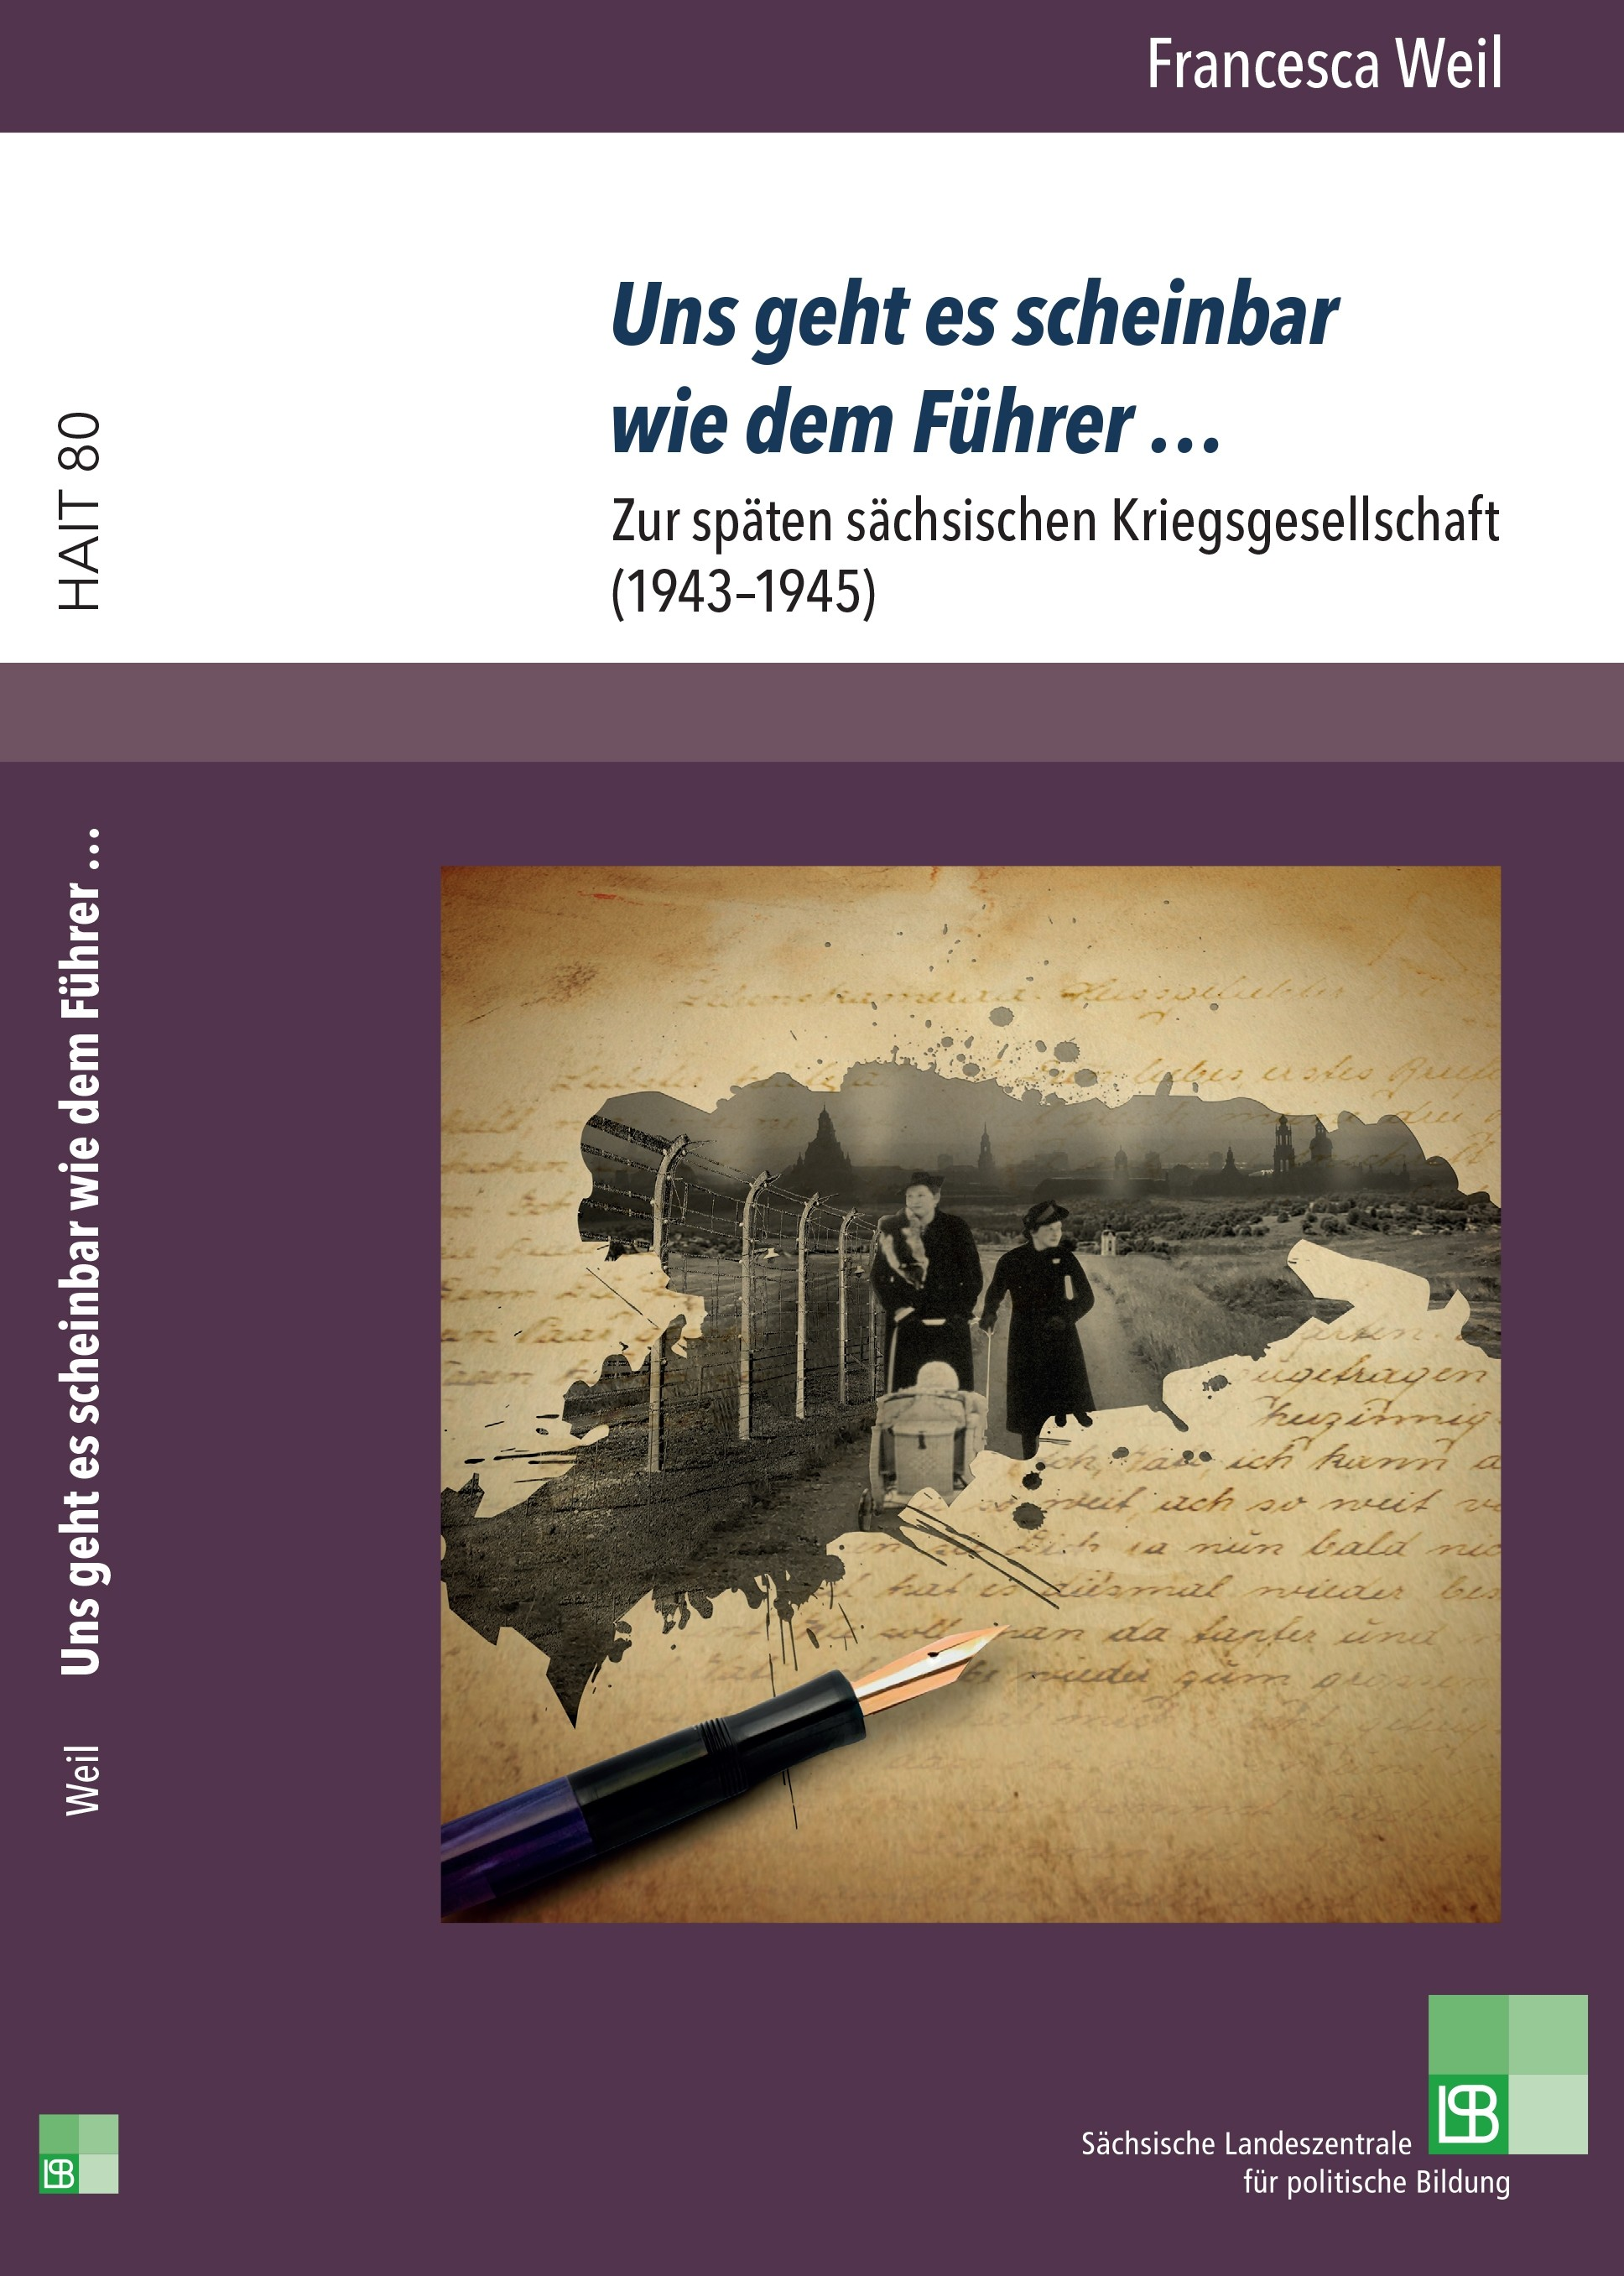 Titelseite groß 162* Uns geht es scheinbar wie dem Führer ... Zur späten sächsischen Kriegsgesellschaft (1943-1945)